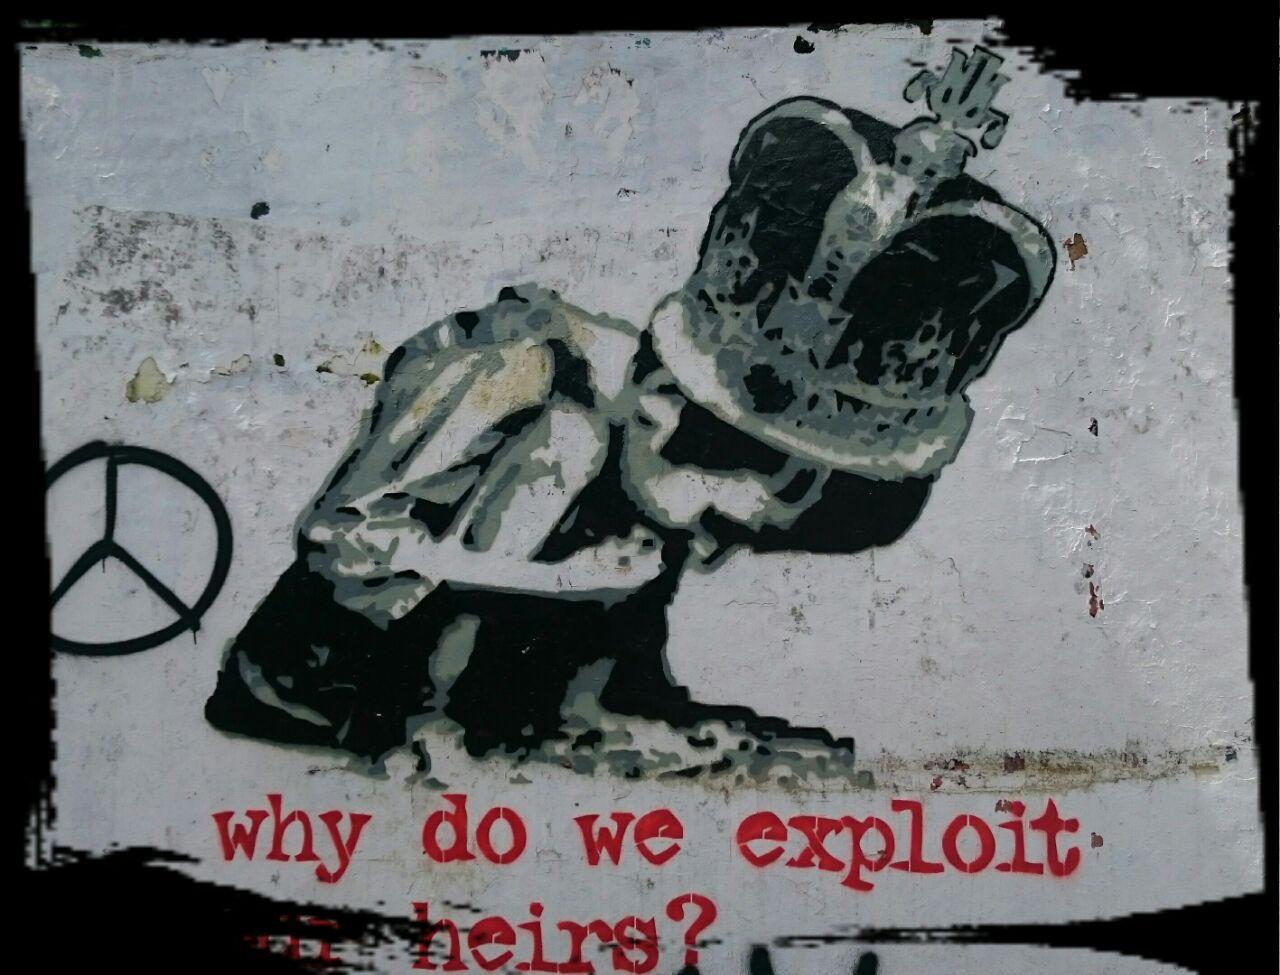 foto diambil dari mural kridosono